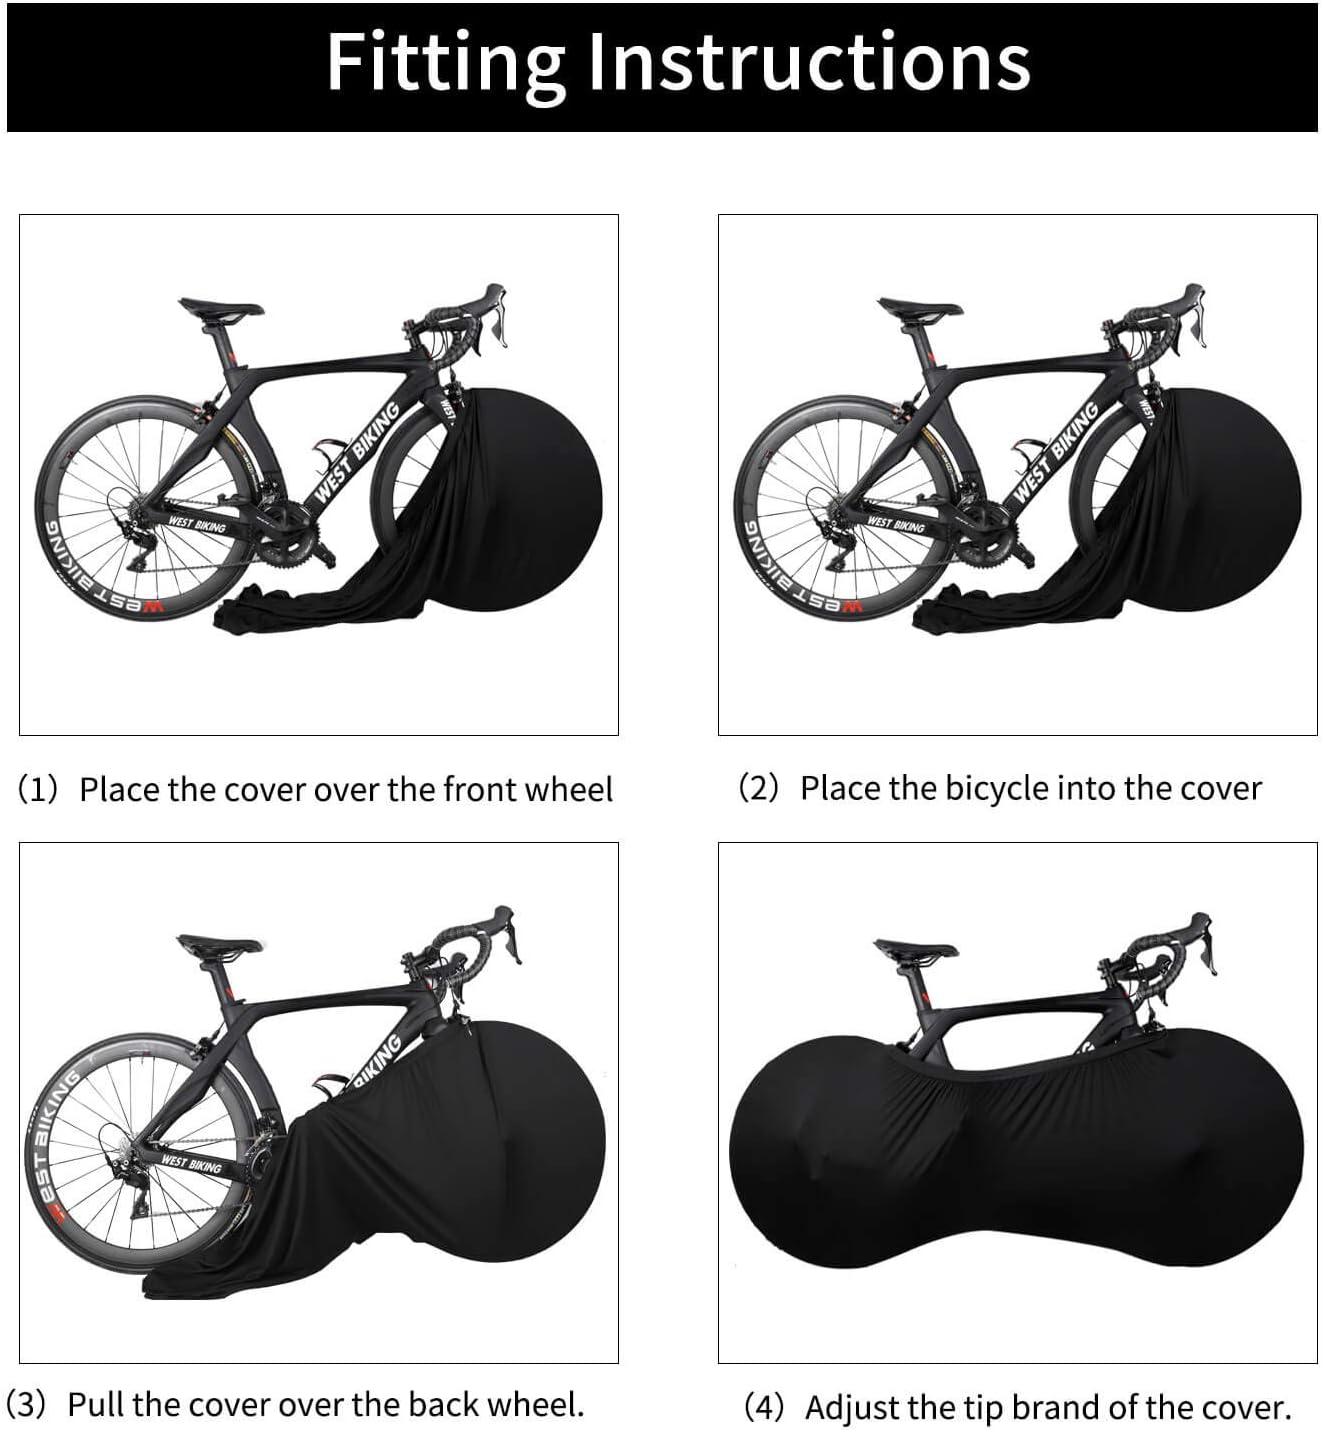 West Biking Funda para Rueda de Bicicleta, Bolsa de Almacenamiento para Interior de Bicicleta Antipolvo, a Prueba de arañazos, Lavable, Alta Elasticidad, Paquete de neumáticos de Carretera MTB: Amazon.es: Deportes y aire